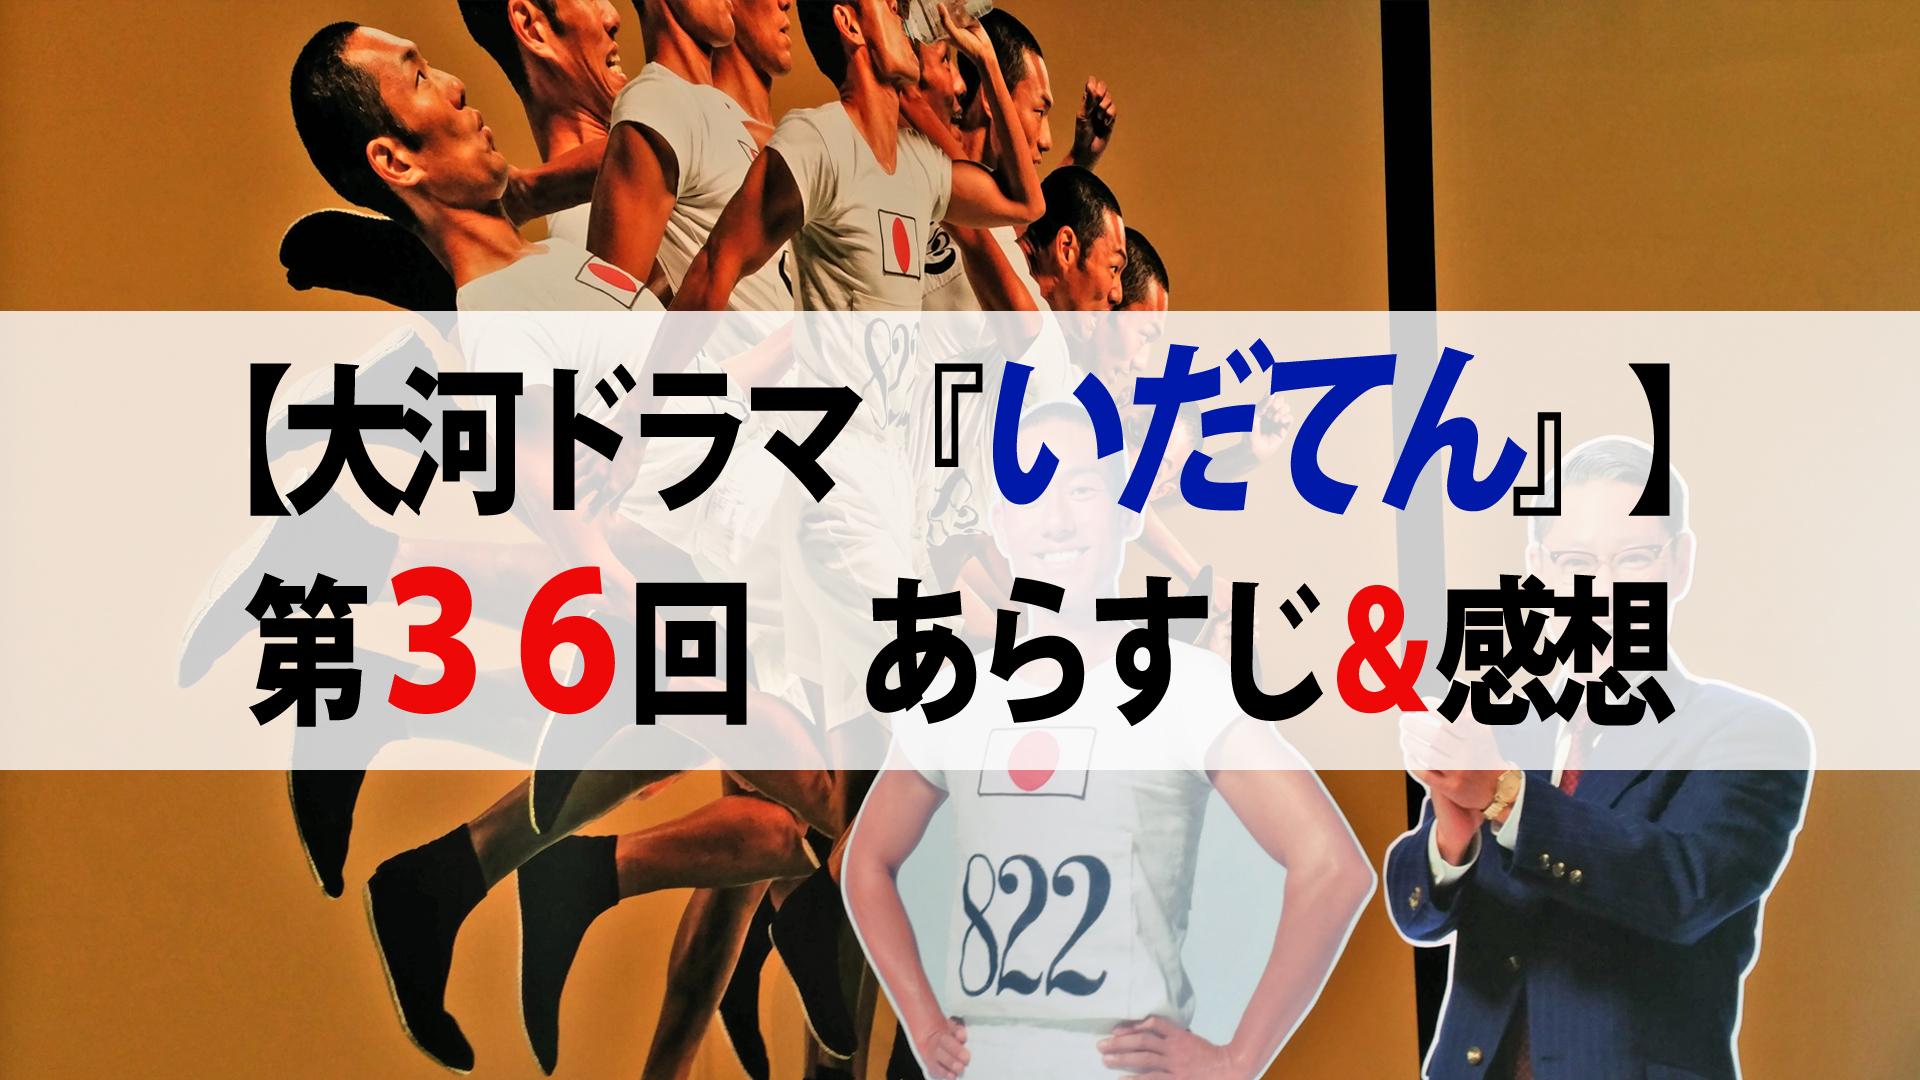 【大河ドラマ『いだてん』】第36回『前畑がんばれ』あらすじ&感想